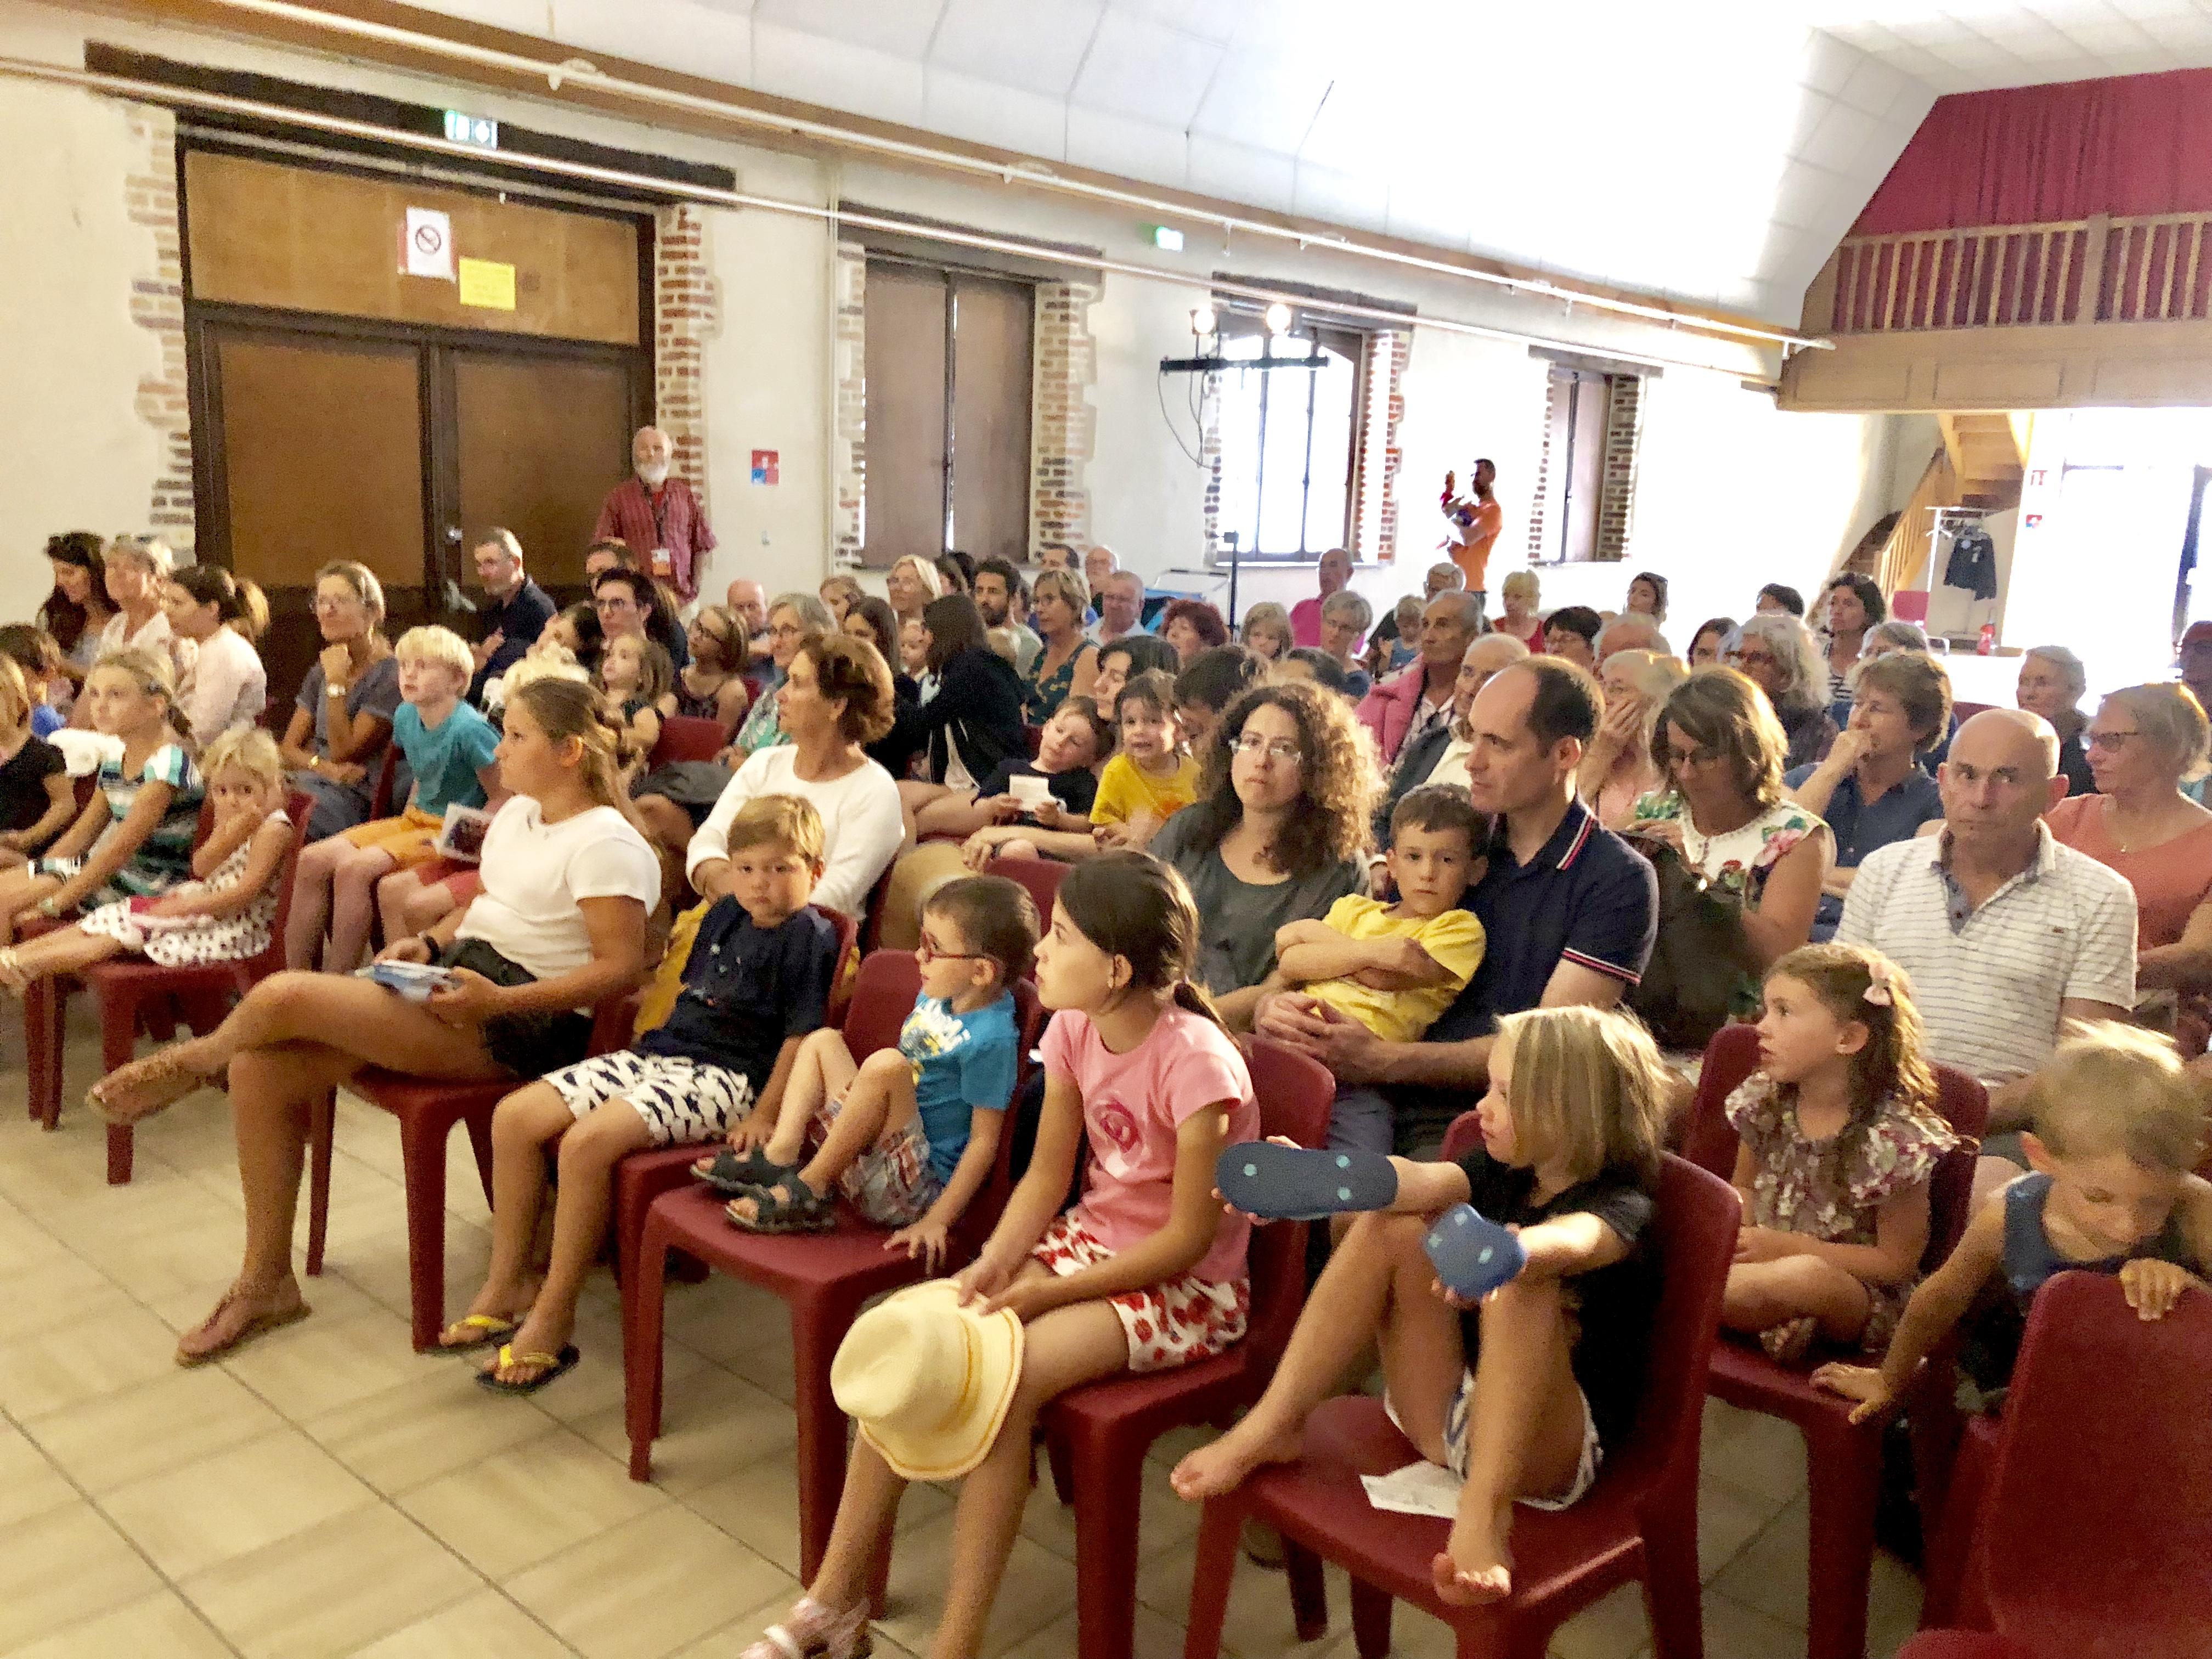 L'histoire de Babar - Spectacle gratuit